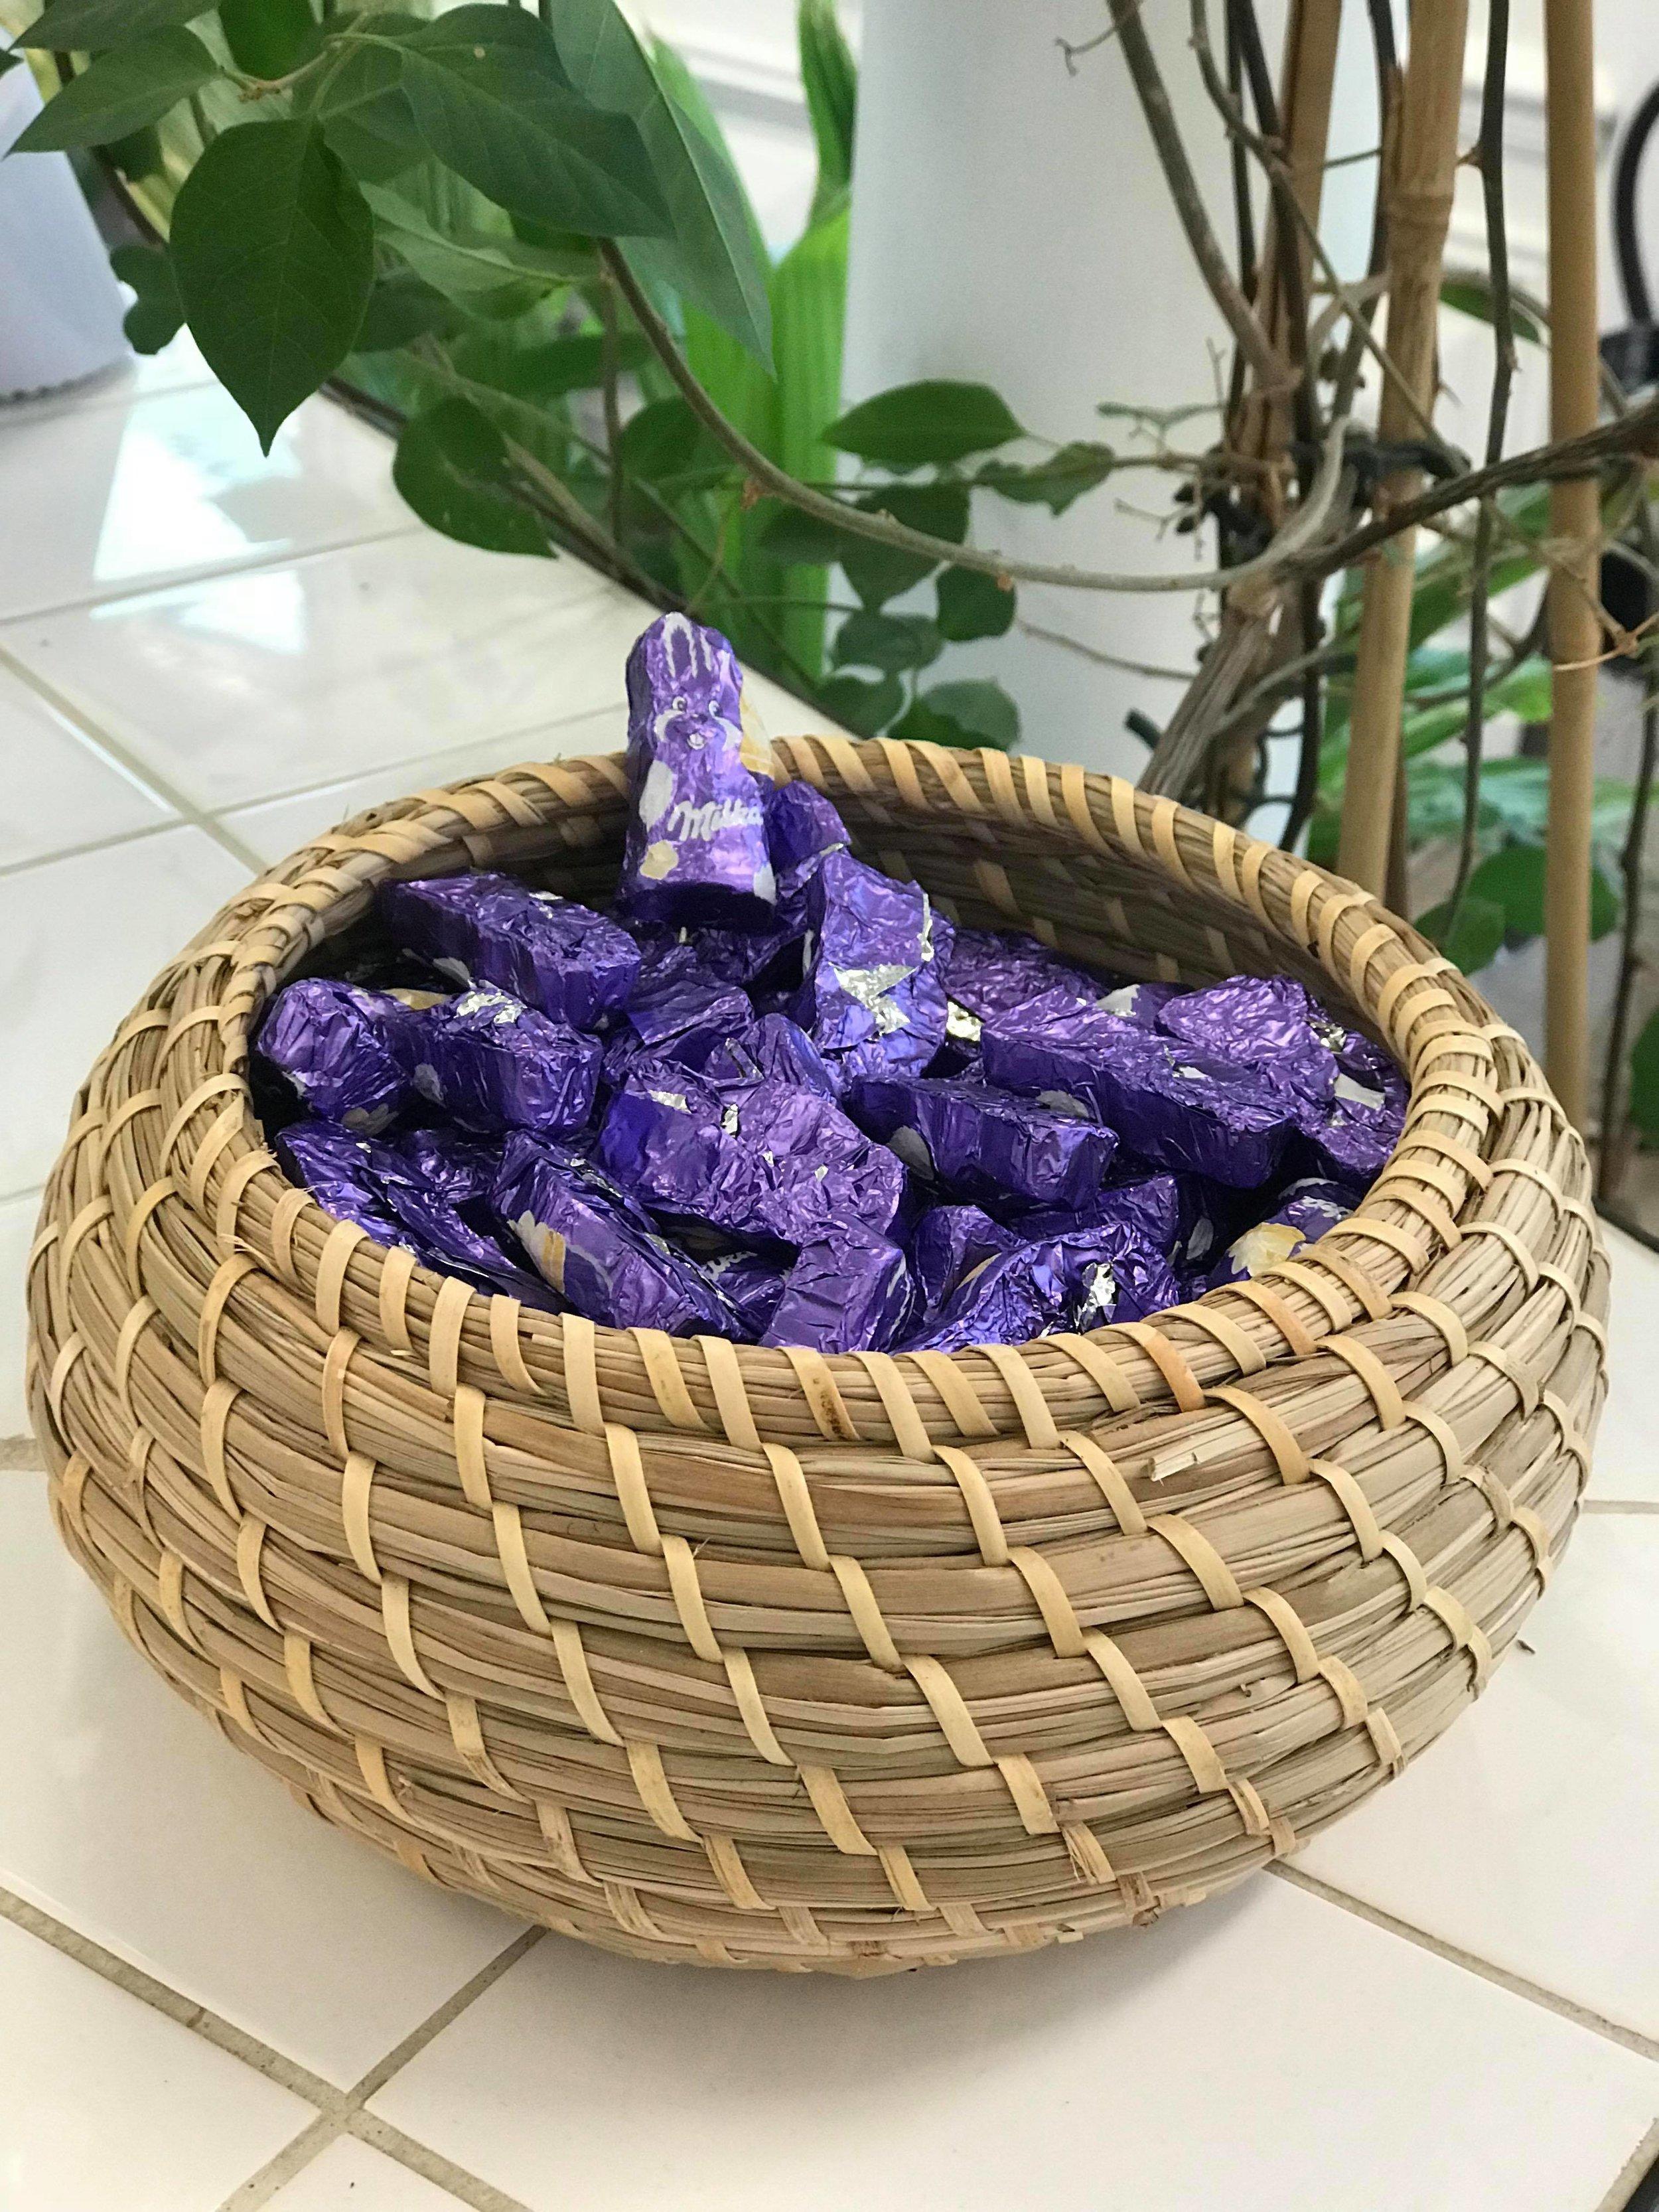 Notre butin de Pâques !  🍫🍫